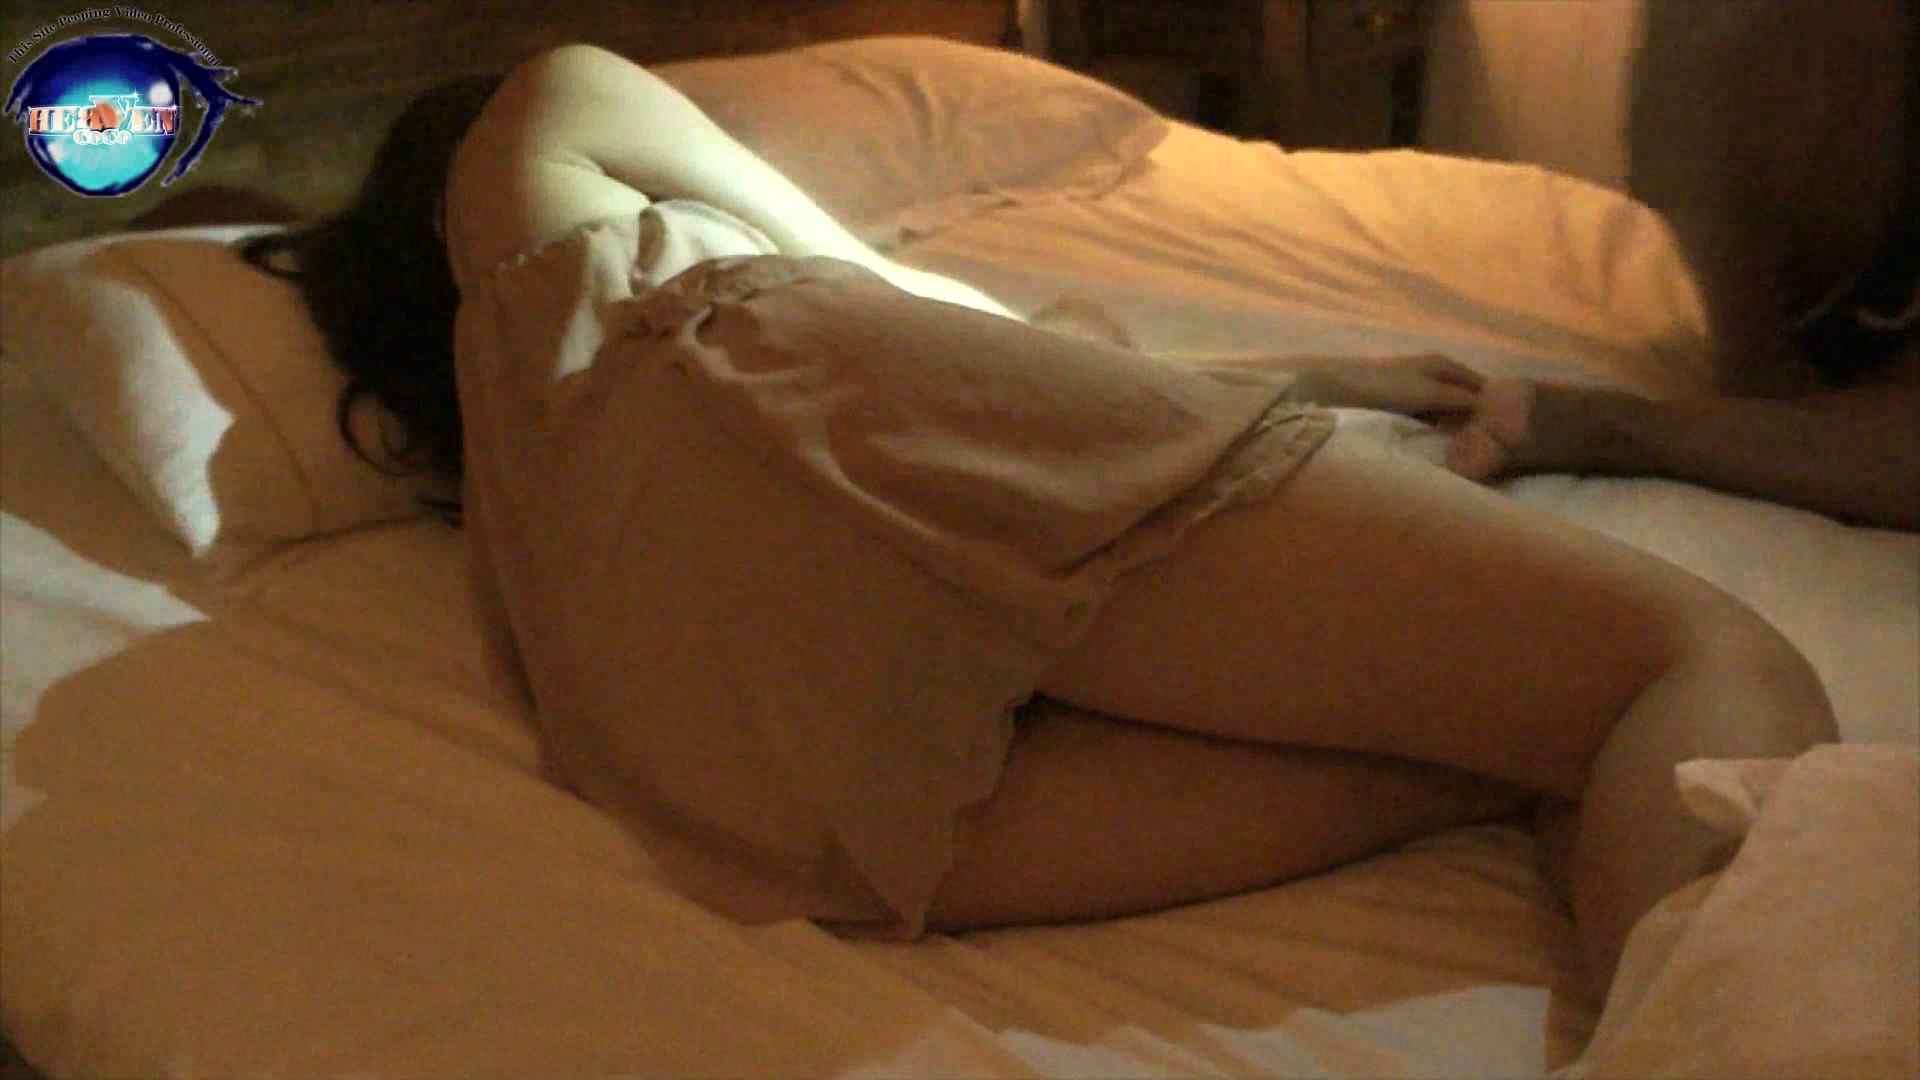 睡魔 シュウライ 第十弐話 ホテル のぞき濡れ場動画紹介 108画像 29